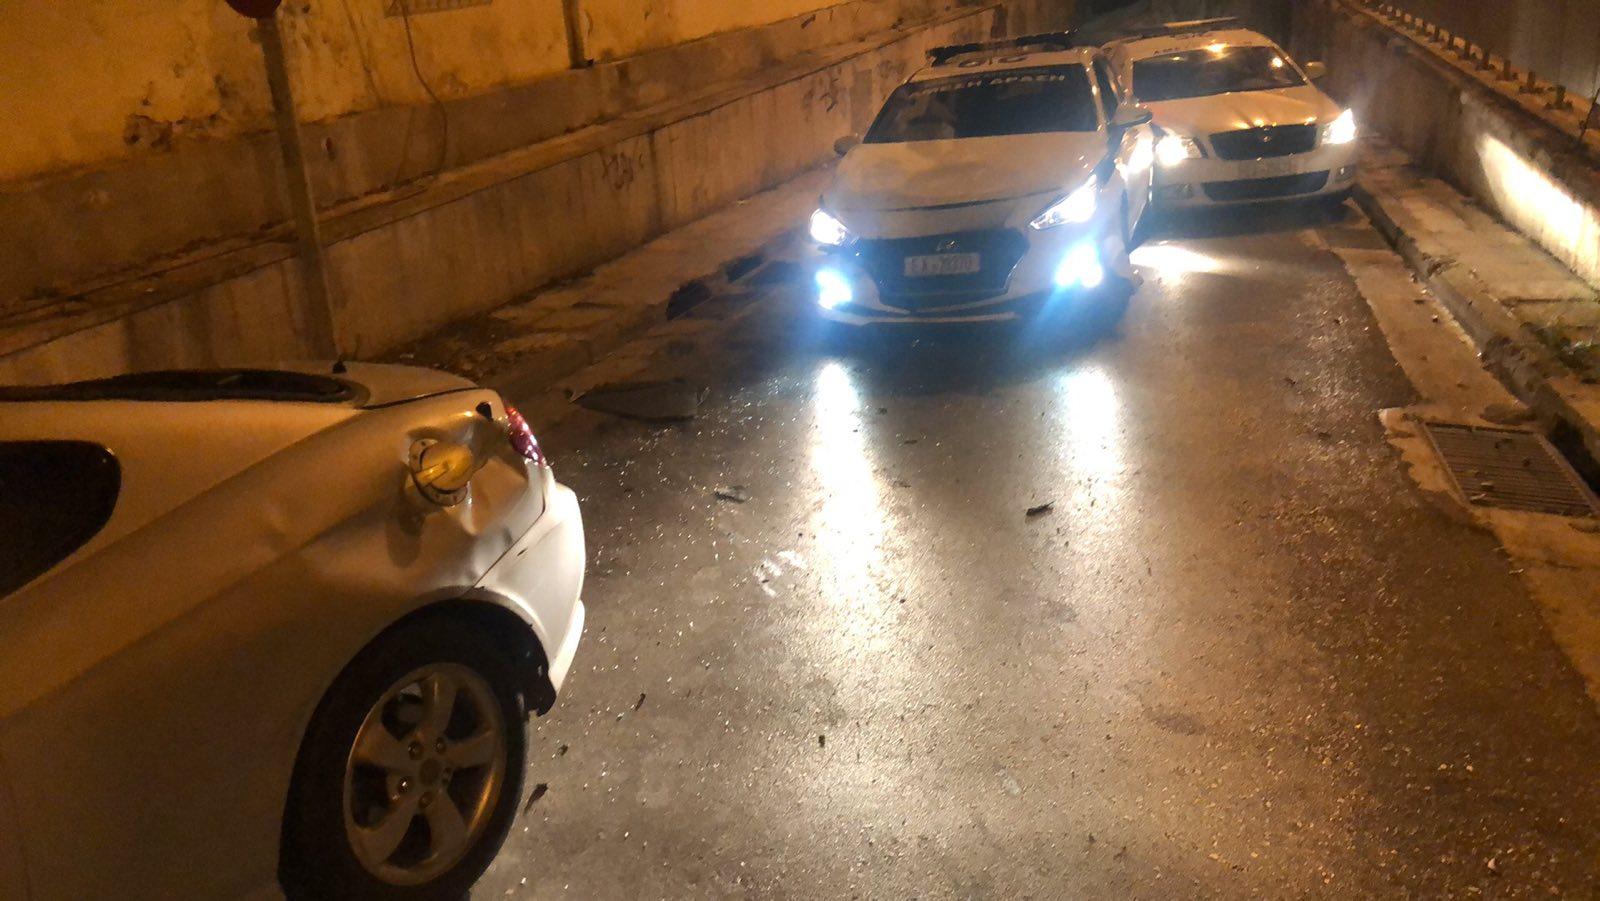 Επεισοδιακή καταδίωξη με τέσσερις συλλήψεις και τραυματίες τα ξημερώματα στο Νέο Κόσμο (pics)